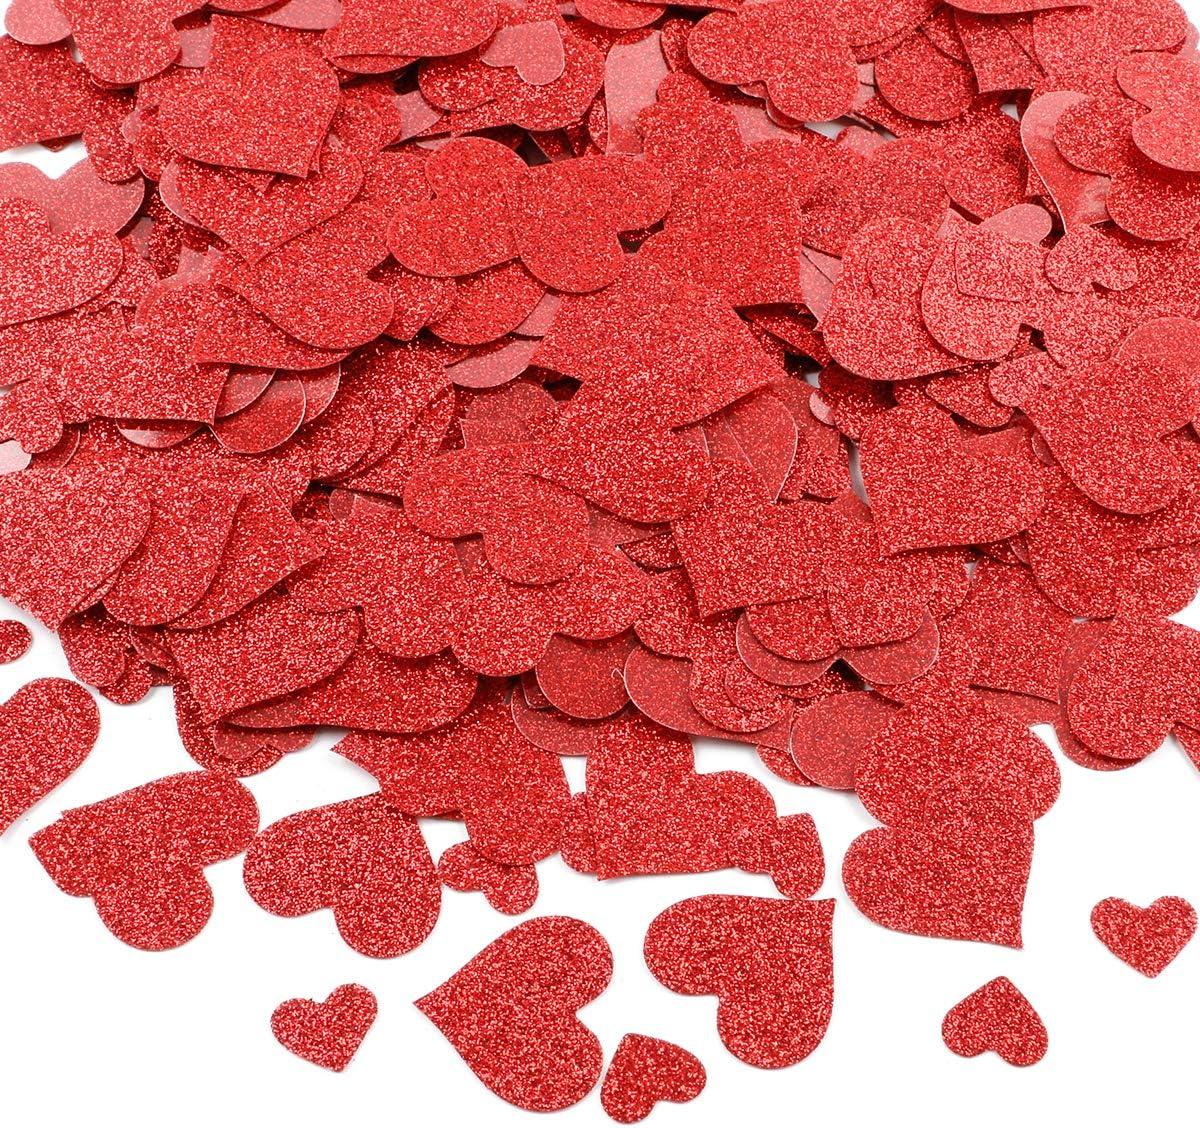 600Pcs Hearts Confetti Valentines Confetti Red Glitter- Valentines Day Decorations, Hearts Confetti Decorations, Valentines Decorations, Valentines Day Decor, Confetti Hearts